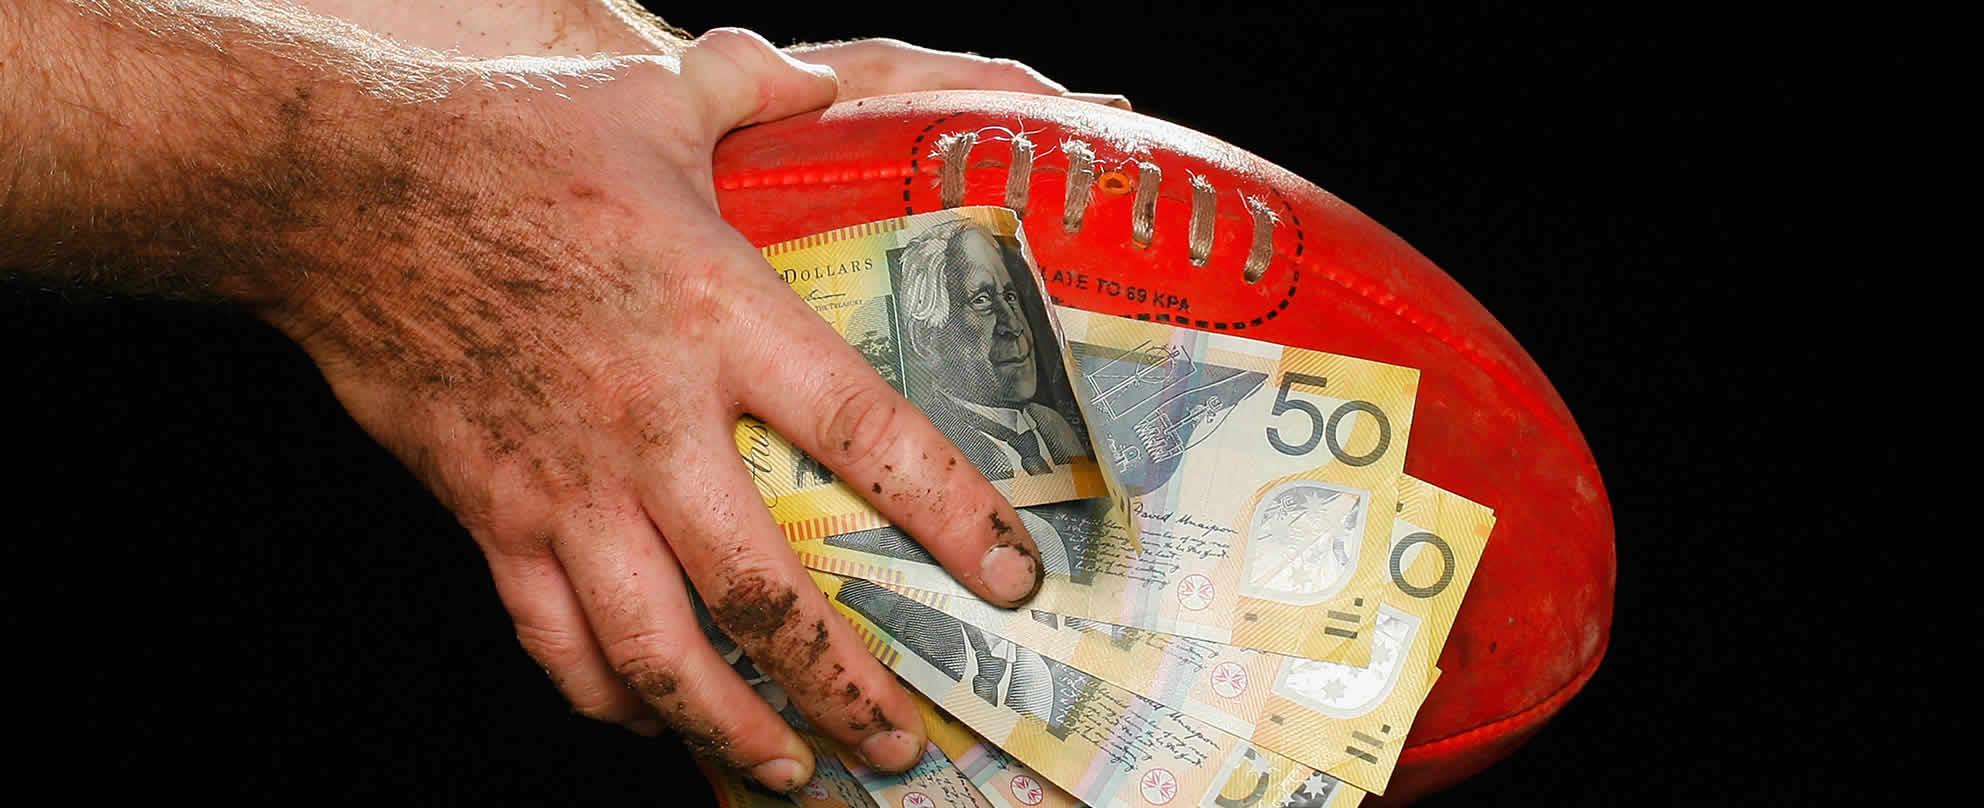 australian betting sports - online sports betting - fair bet query